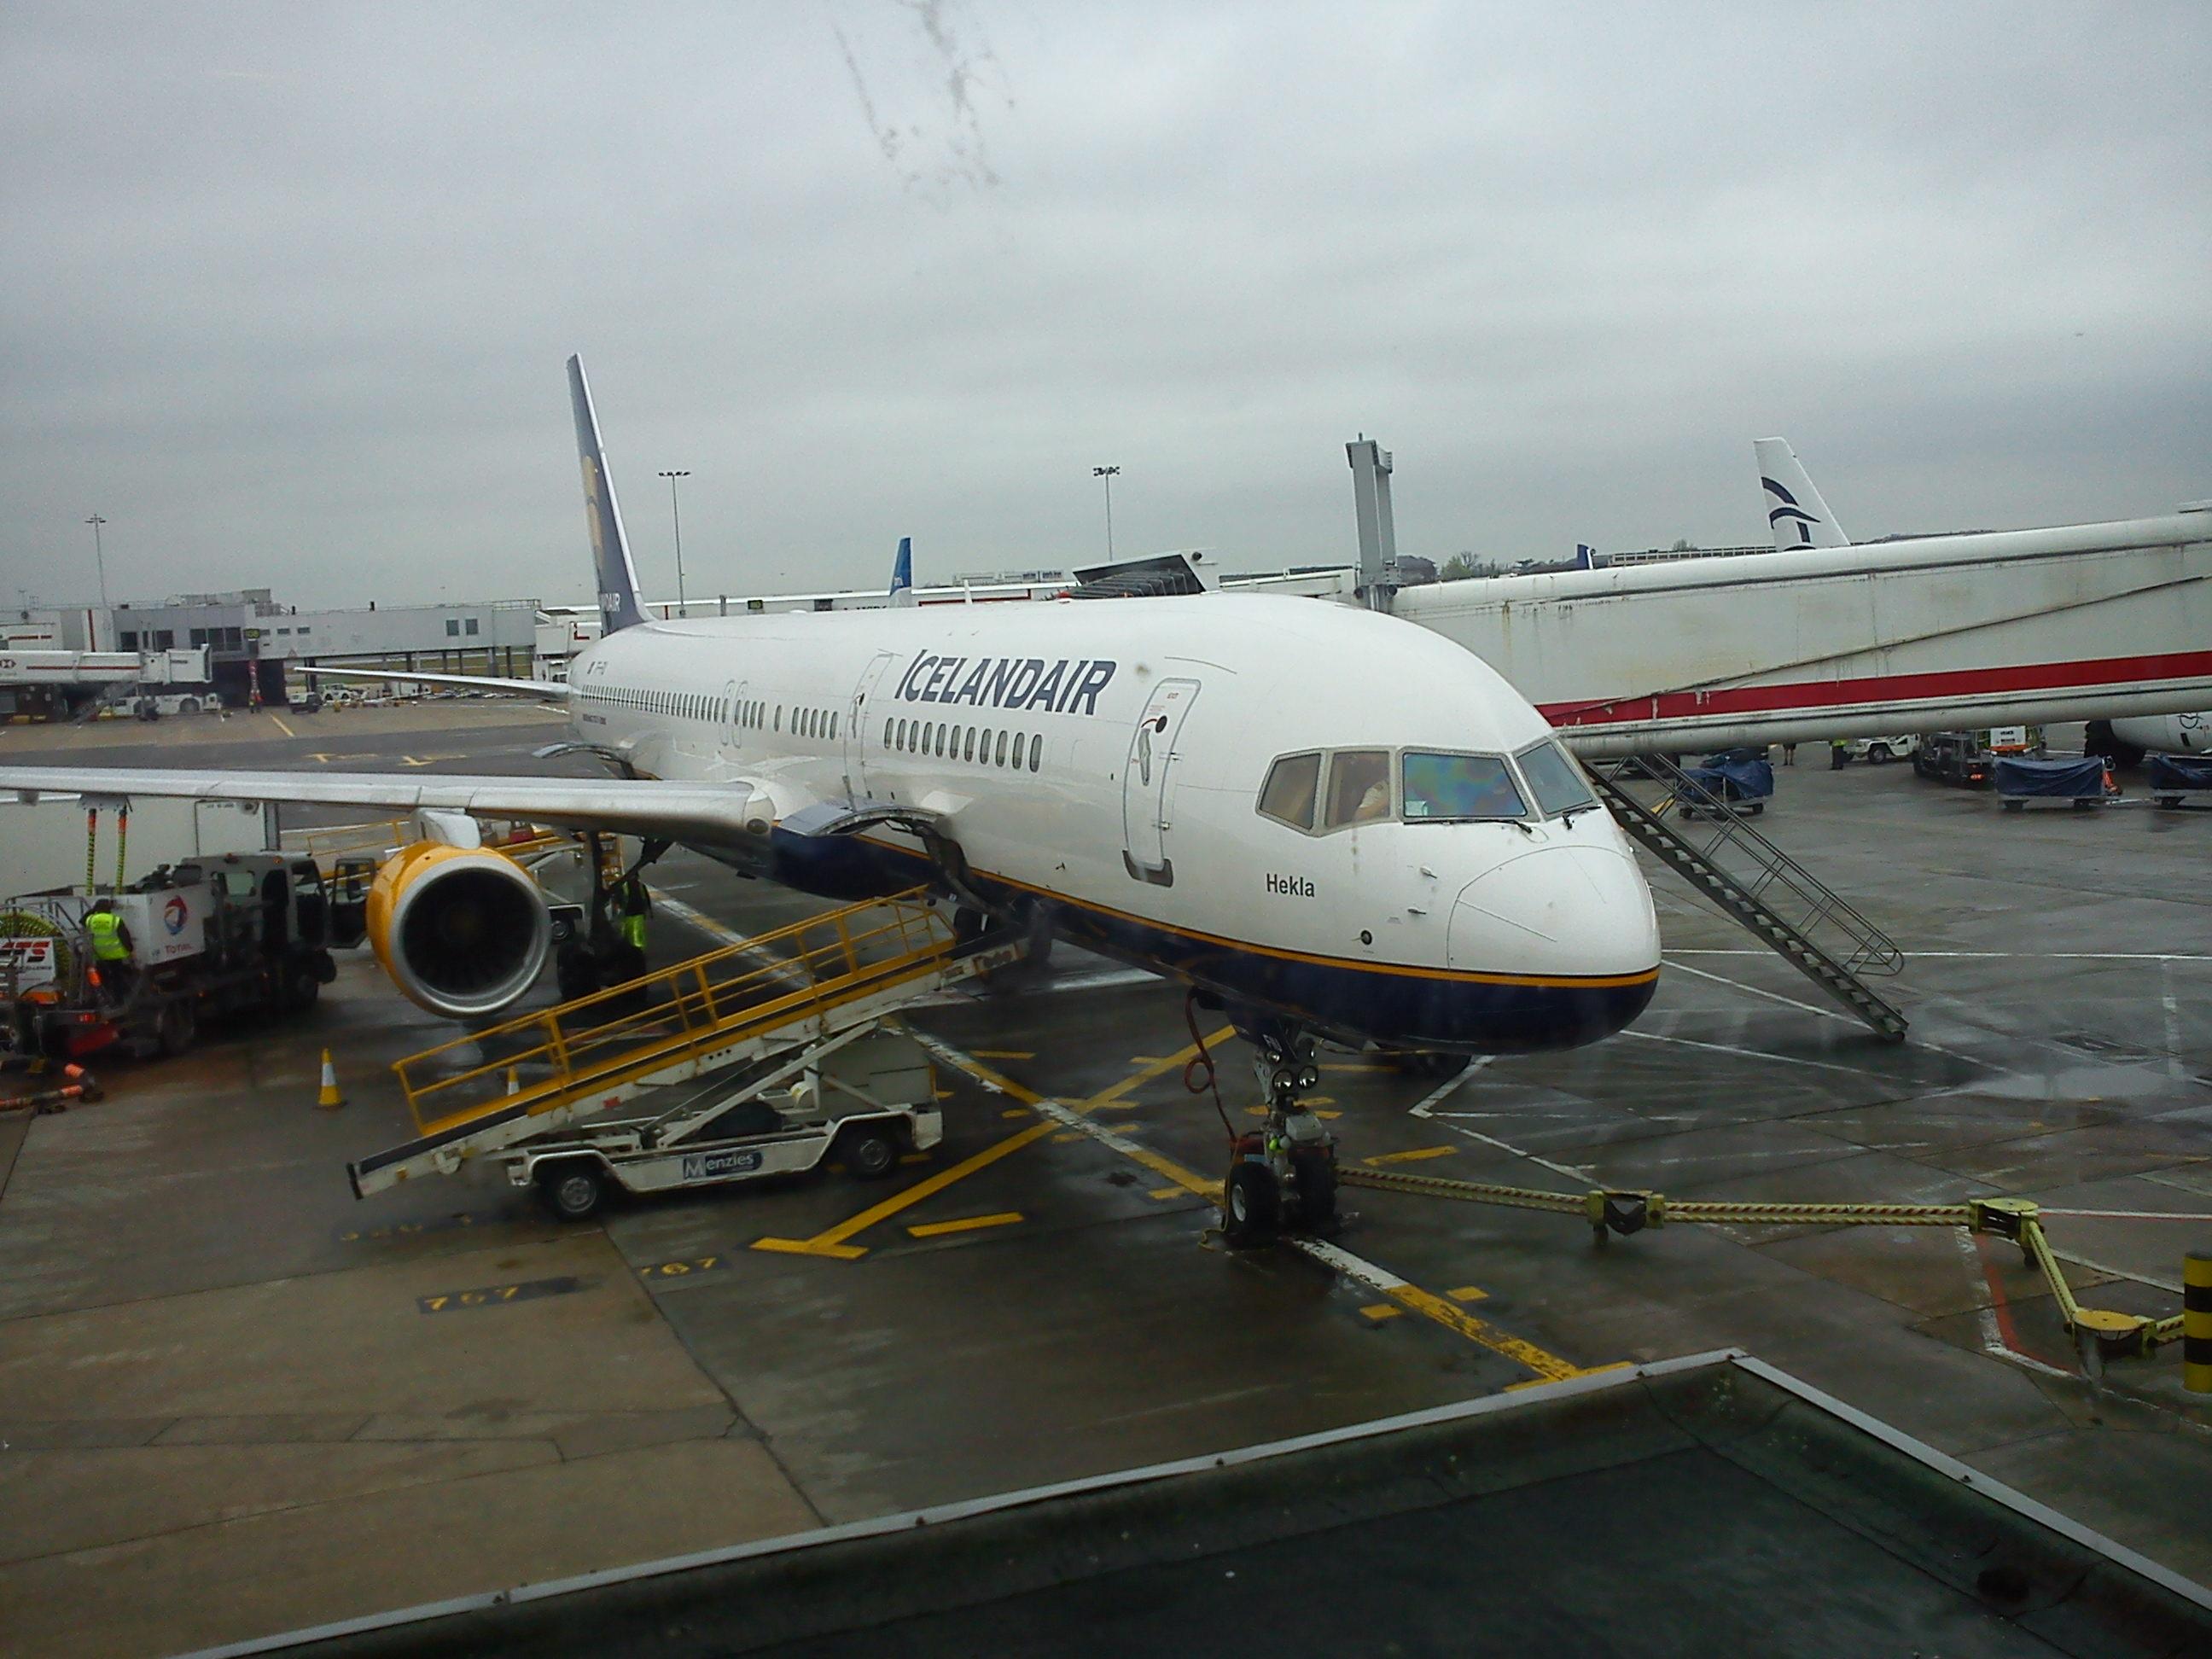 My Icelandair plane